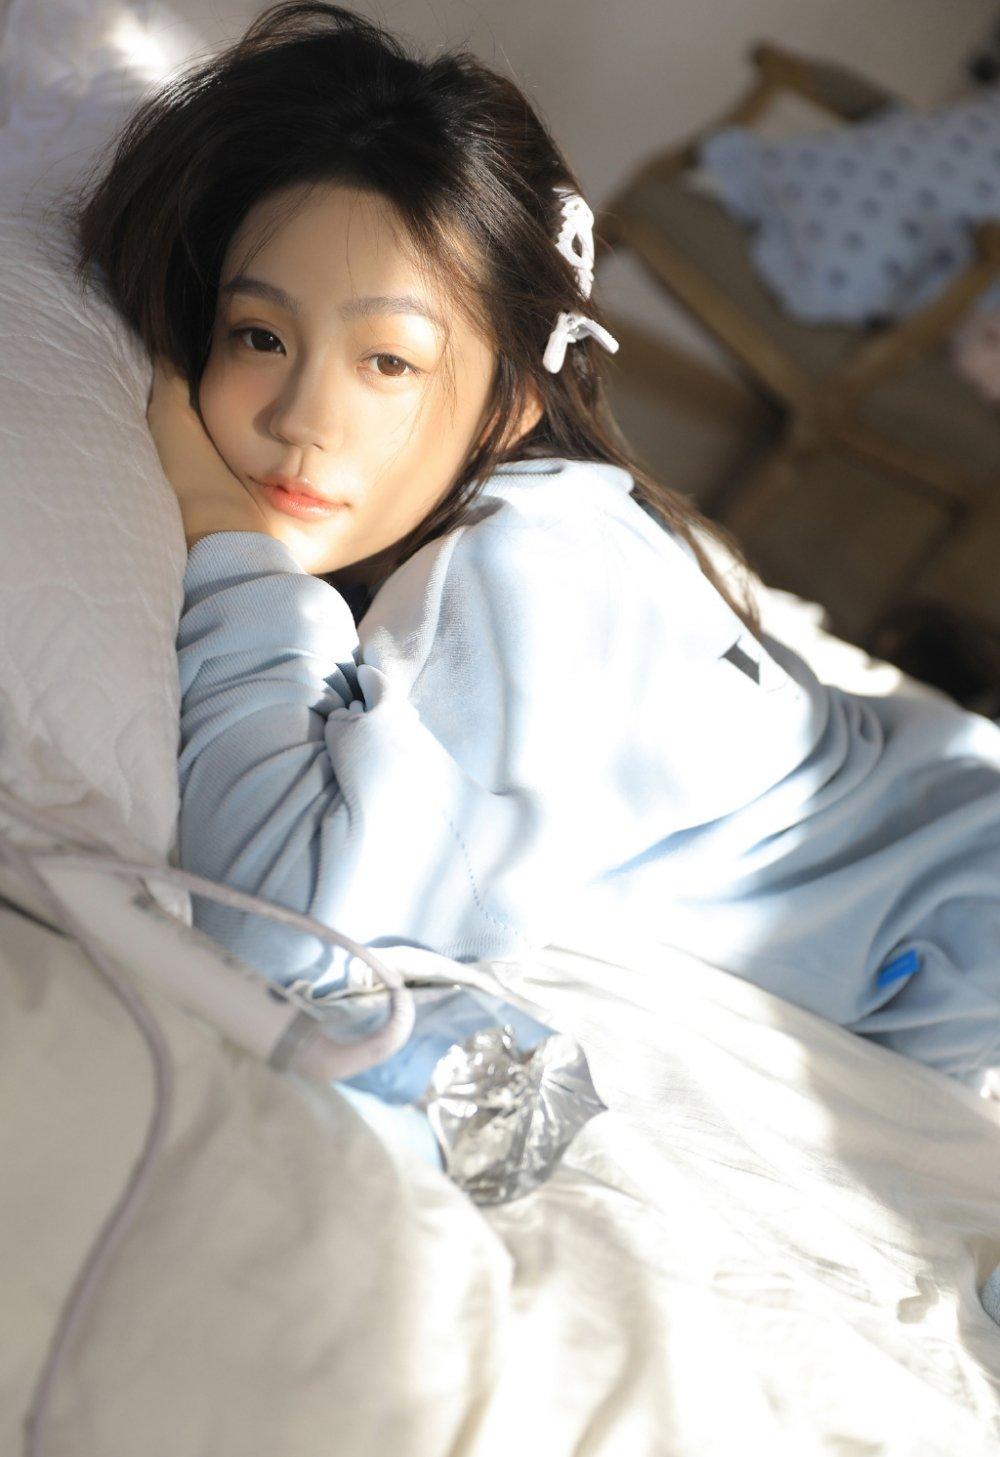 娃娃脸美女甜美可爱睡眼朦胧写真